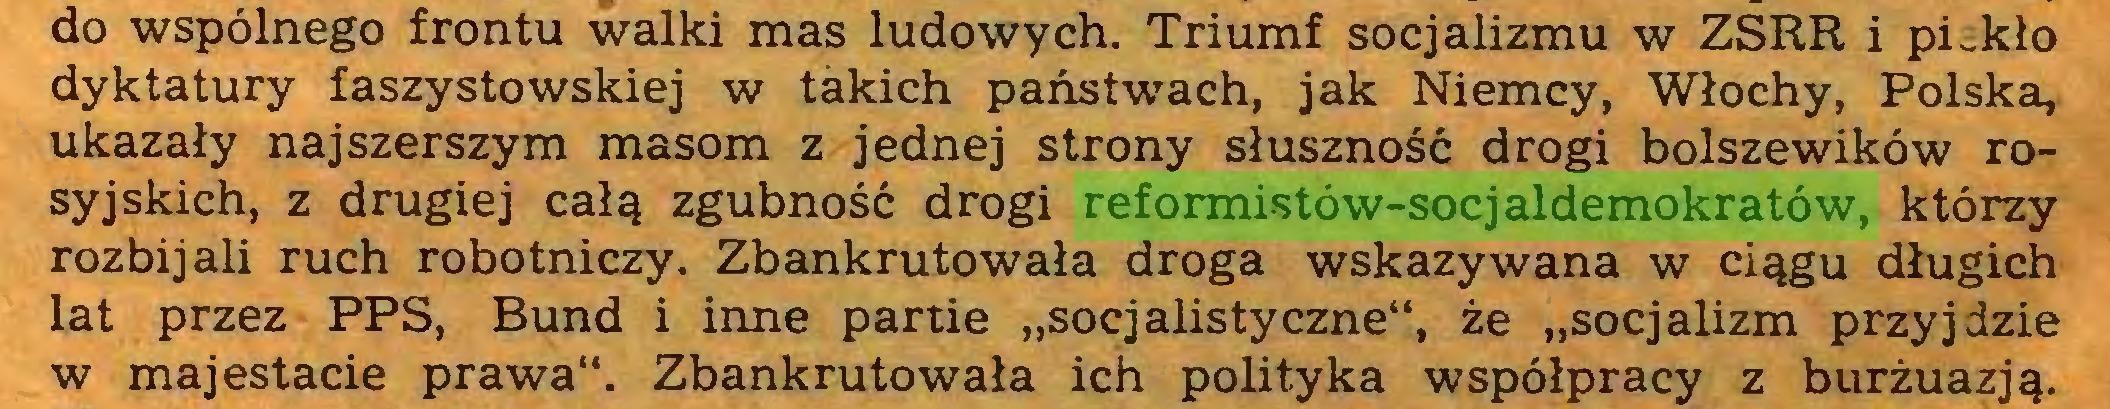 """(...) do wspólnego frontu walki mas ludowych. Triumf socjalizmu w ZSRR i piekło dyktatury faszystowskiej w takich państwach, jak Niemcy, Włochy, Polska, ukazały najszerszym masom z jednej strony słuszność drogi bolszewików rosyjskich, z drugiej całą zgubność drogi reformistów-socjaldemokratów, którzy rozbijali ruch robotniczy. Zbankrutowała droga wskazywana w ciągu długich lat przez PPS, Bund i inne partie """"socjalistyczne"""", że """"socjalizm przyjdzie w majestacie prawa"""". Zbankrutowała ich polityka współpracy z burżuazją..."""